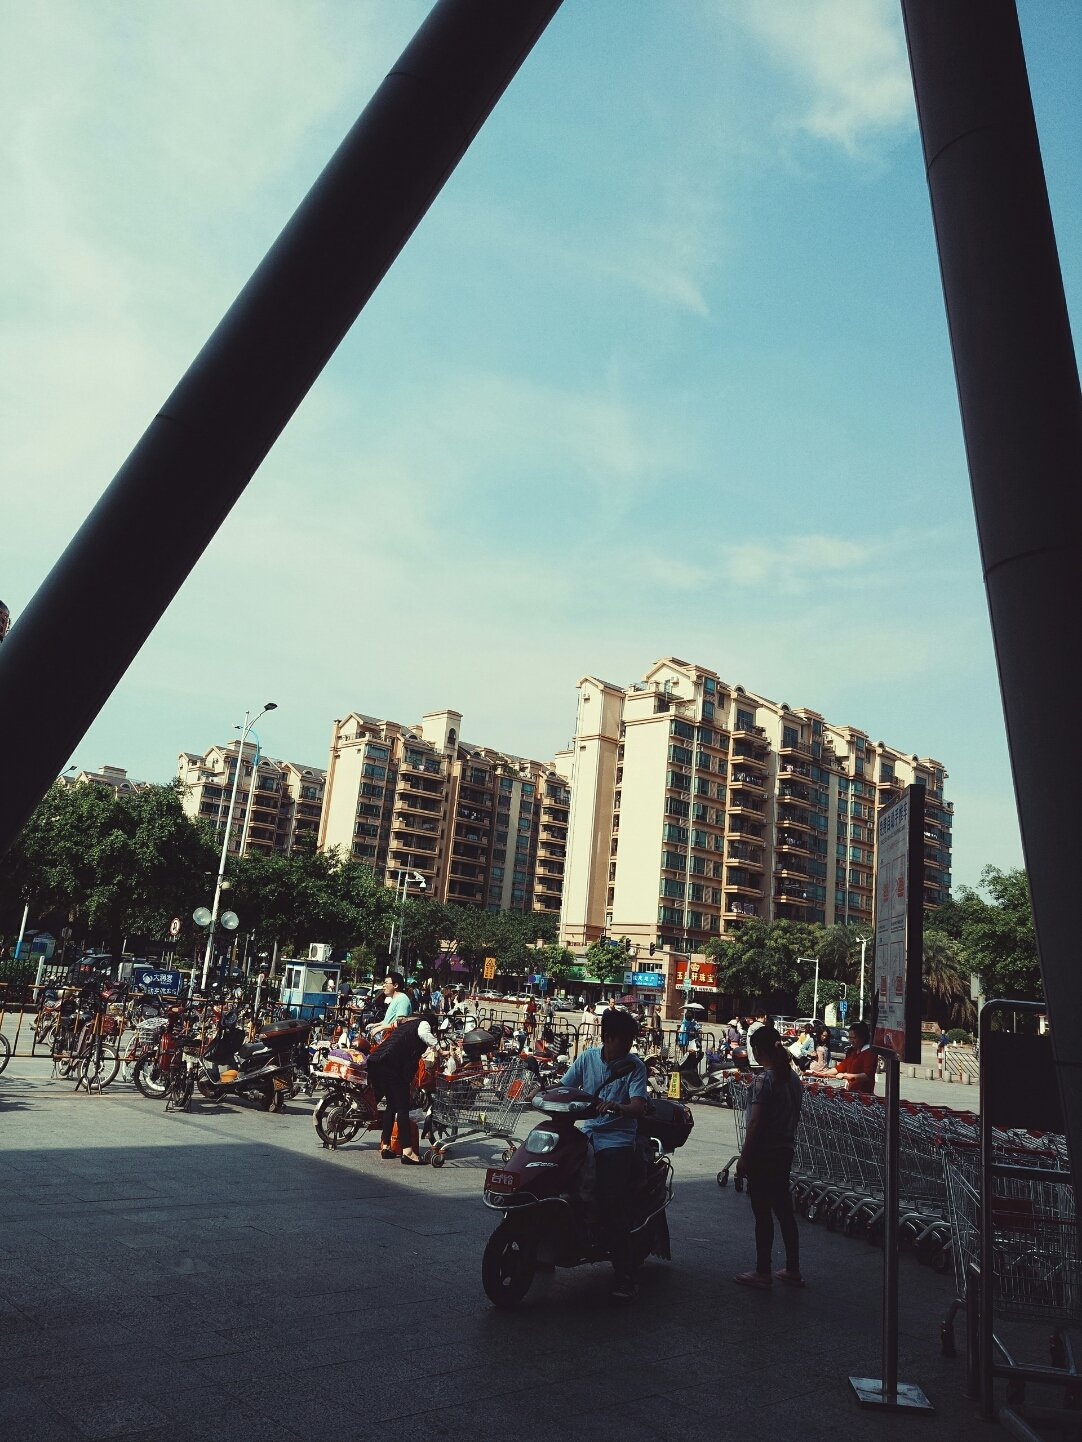 广东省广州市花都区凤凰北路靠近中国农业银行(广州花都龙珠路支行)